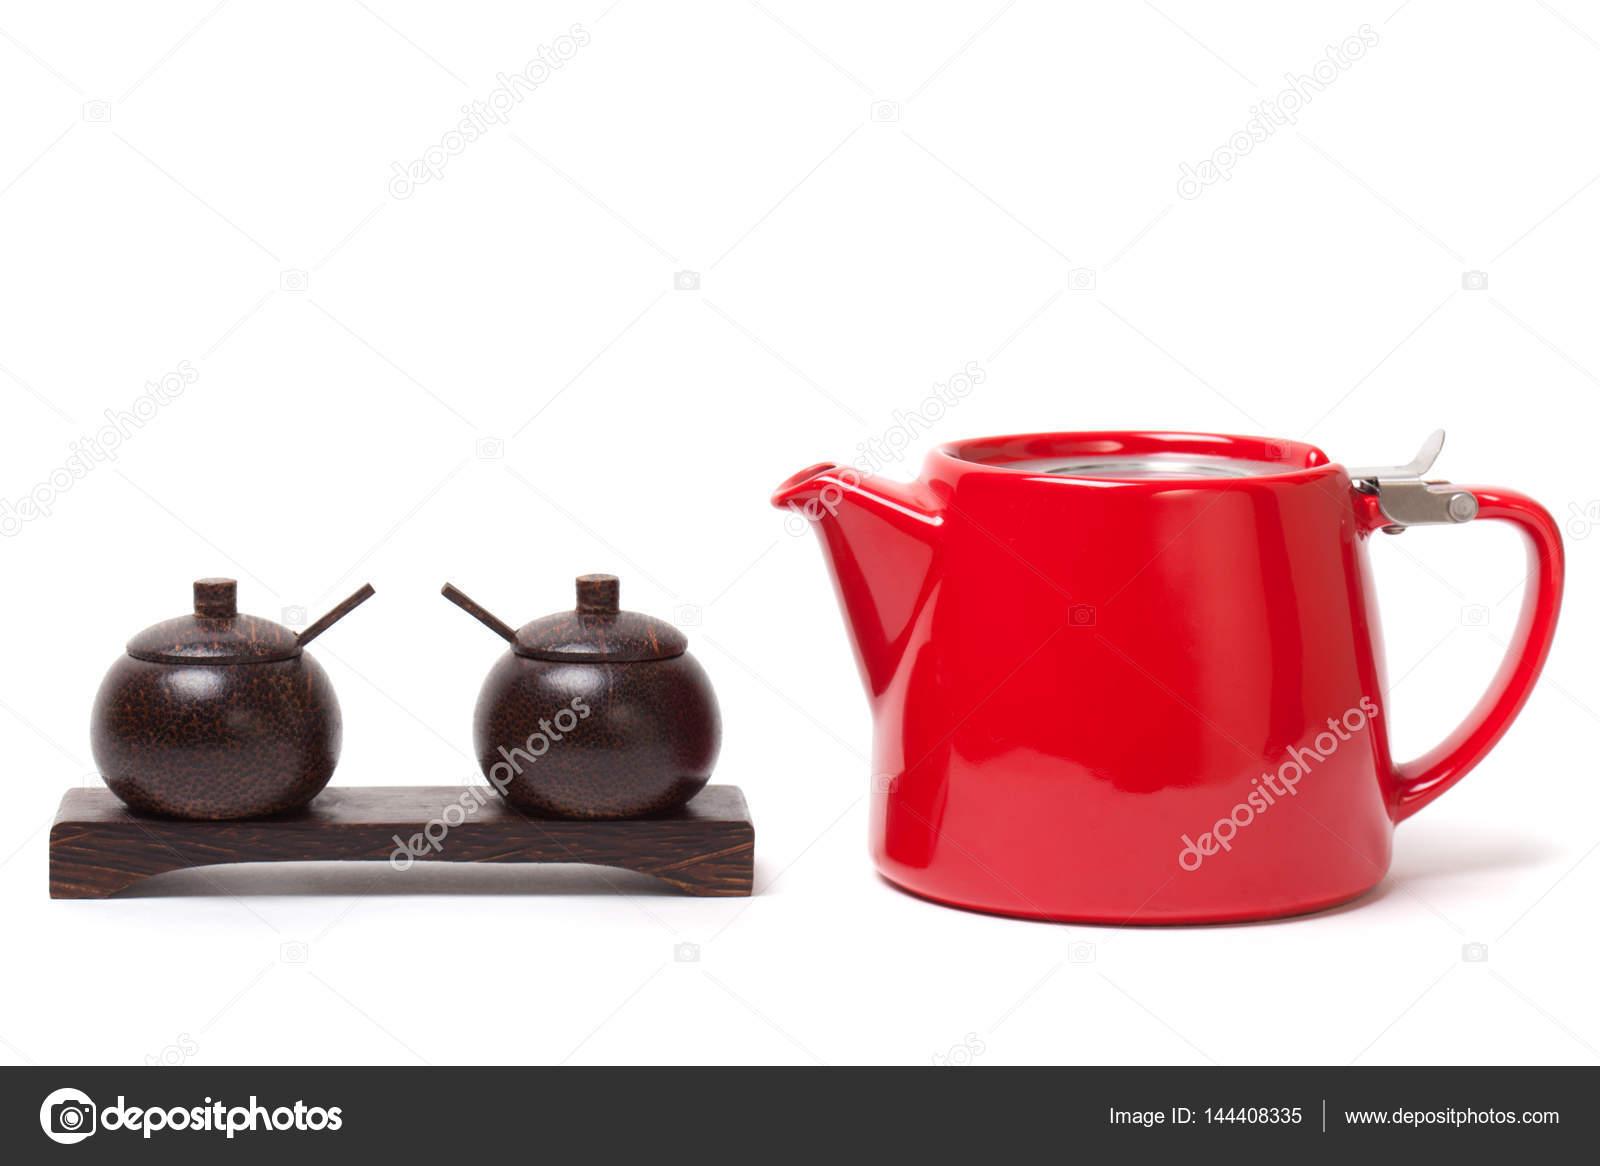 Moderne Teekanne rote moderne teekanne und hölzernen behältern zucker salz und